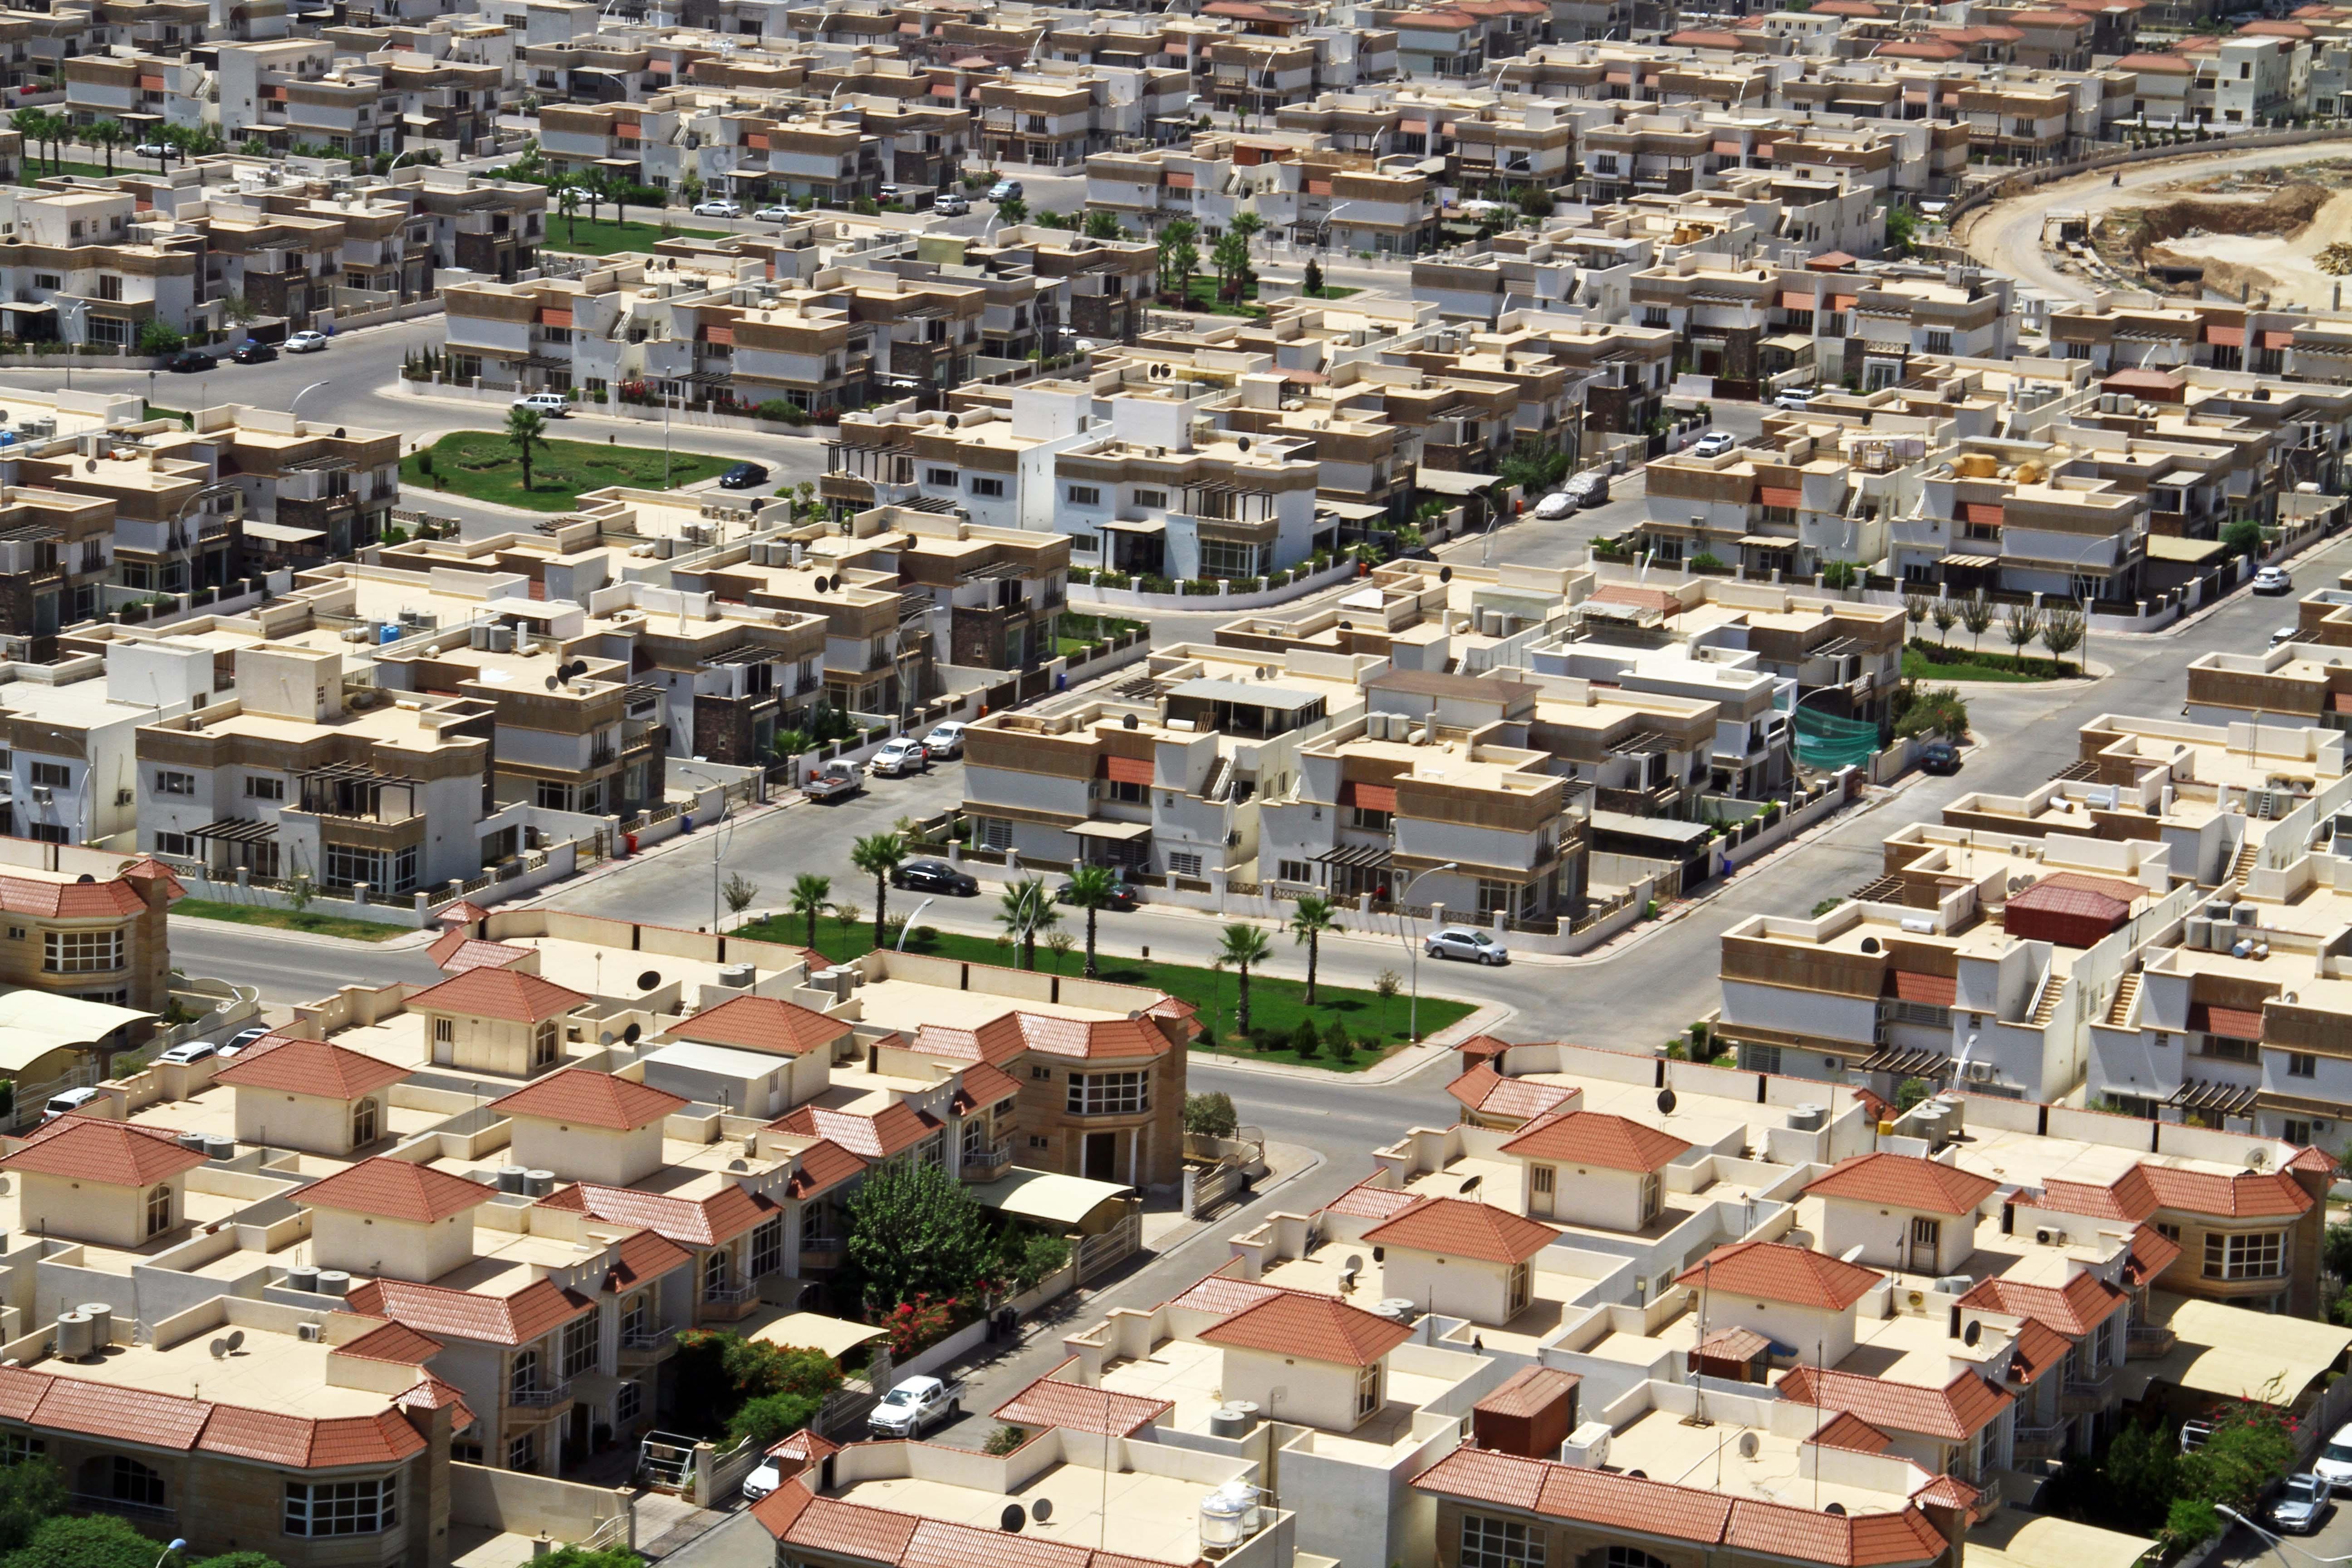 مدينة أربيل العراقية - صورة 2